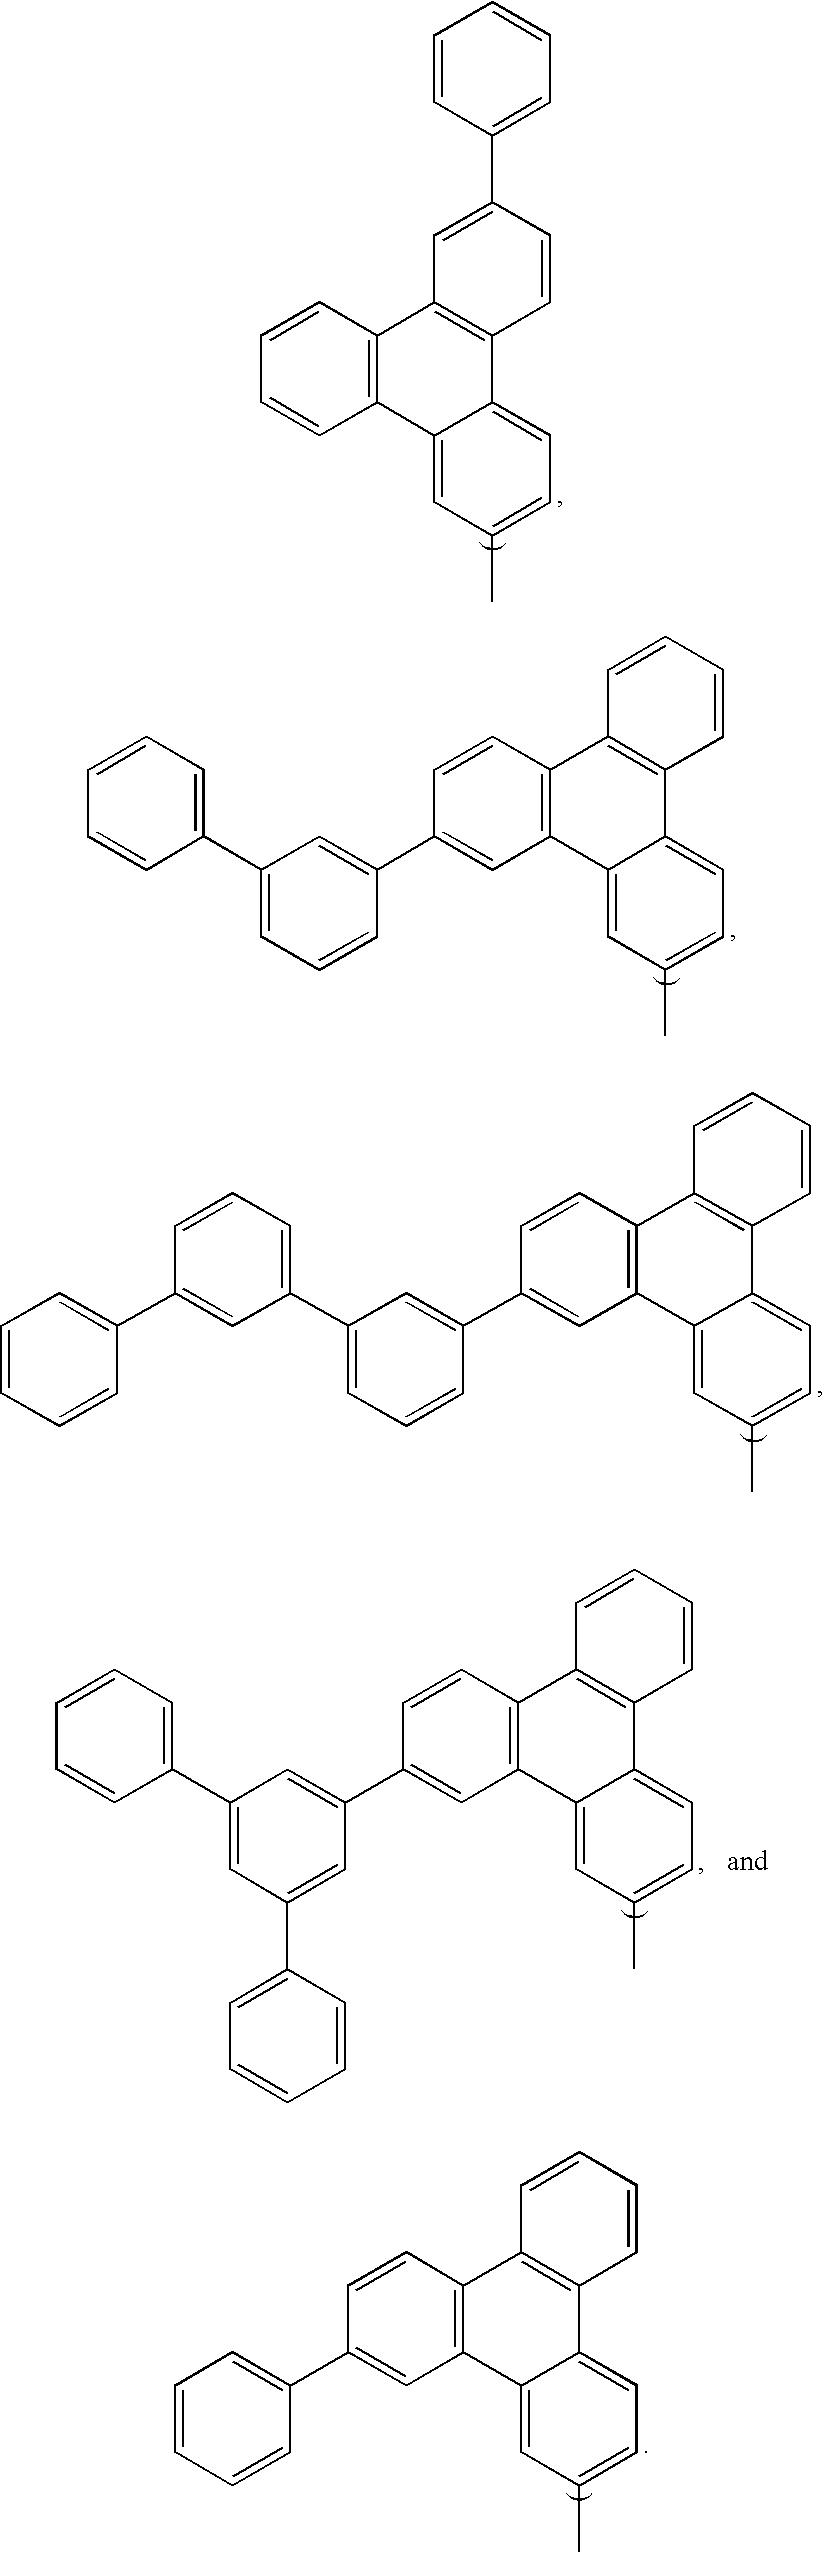 Figure US20080280163A1-20081113-C00010